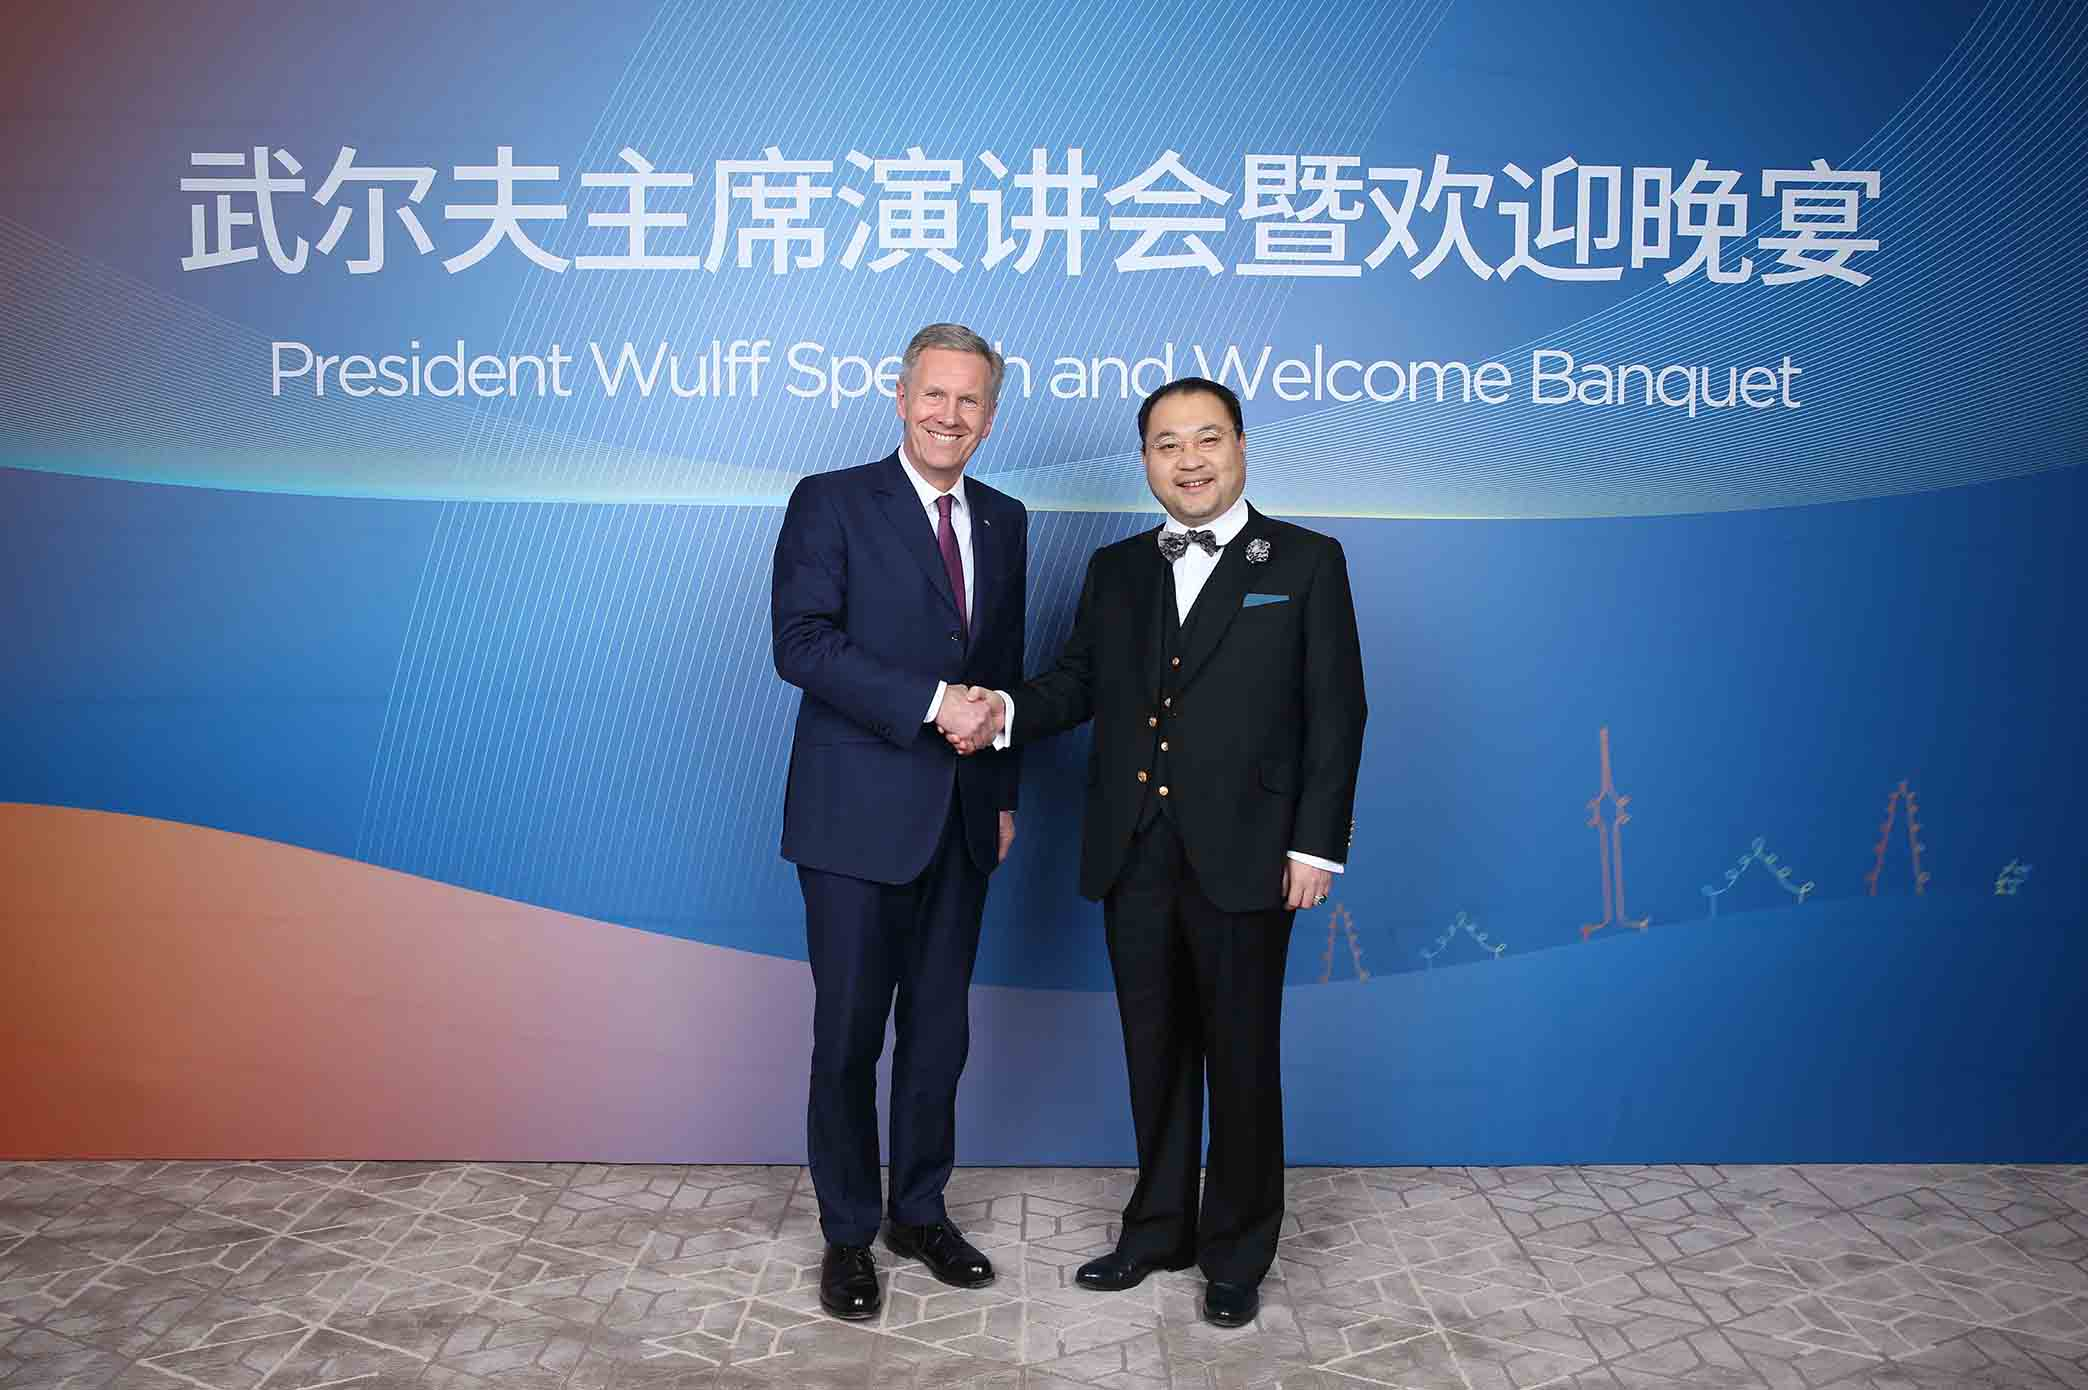 太和快讯|德国前总统武尔夫点赞太和木作·力促中德企业合作共赢创新发展